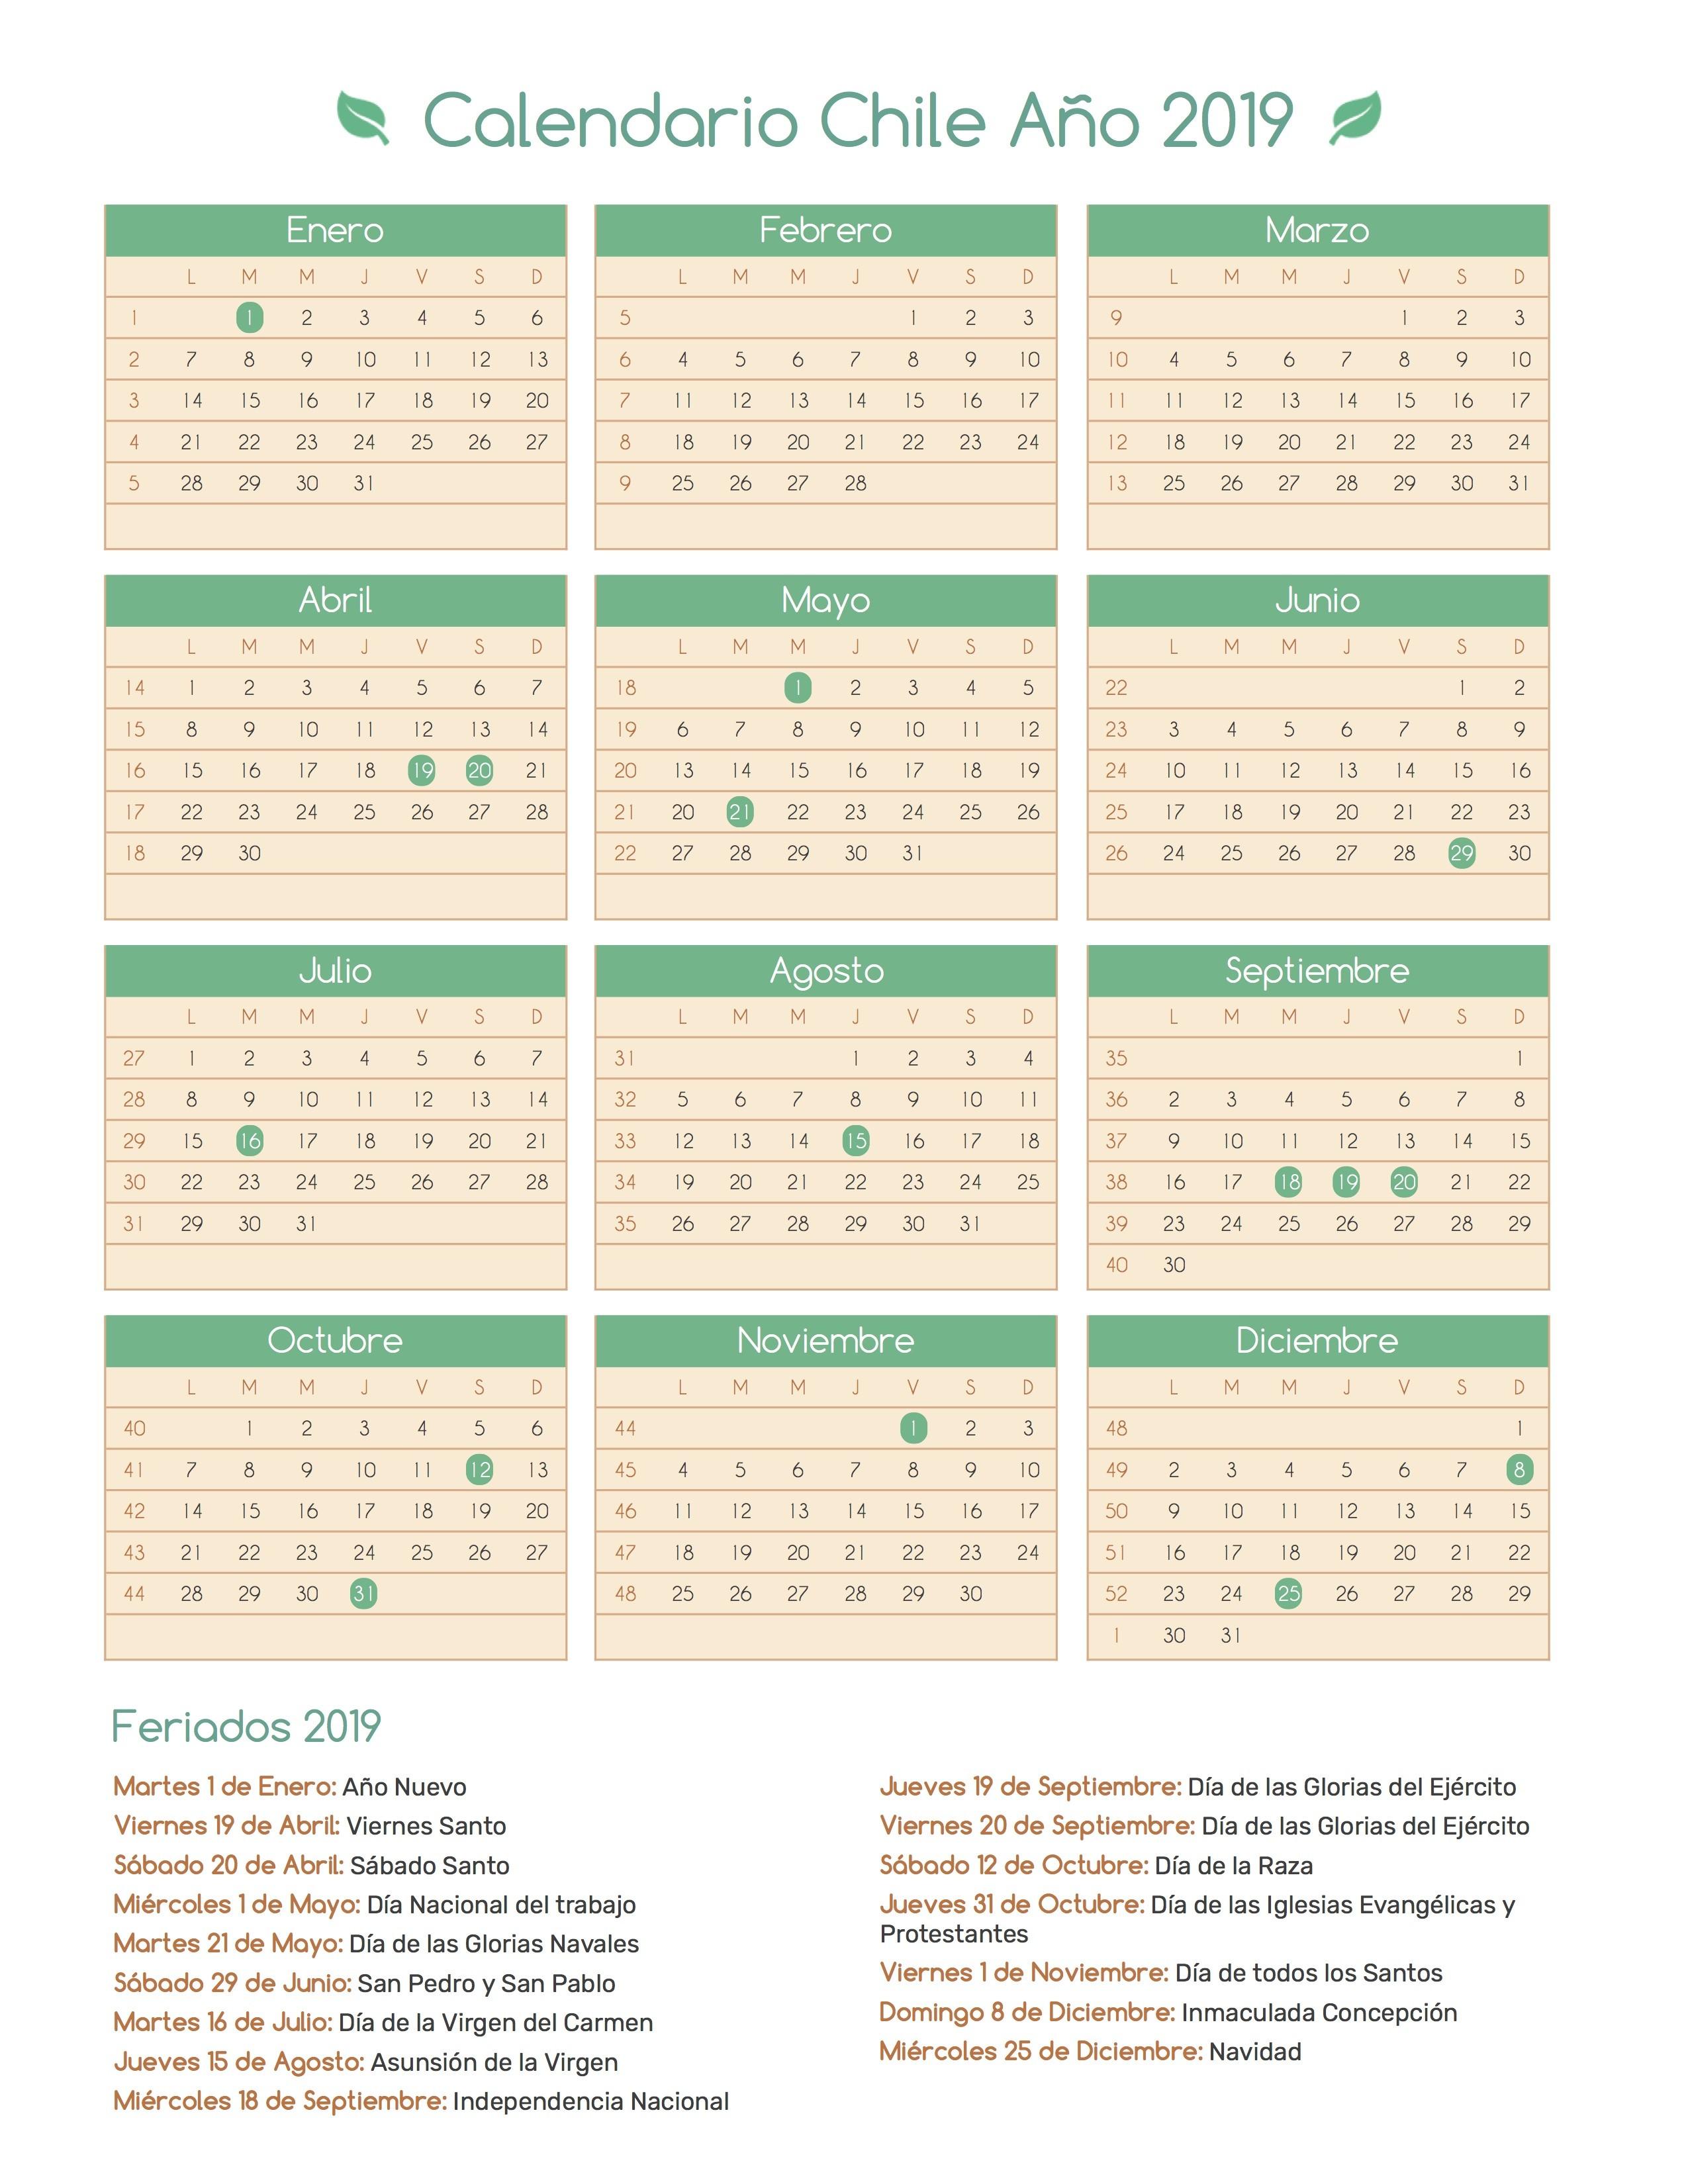 Calendario Chile a±o 2019